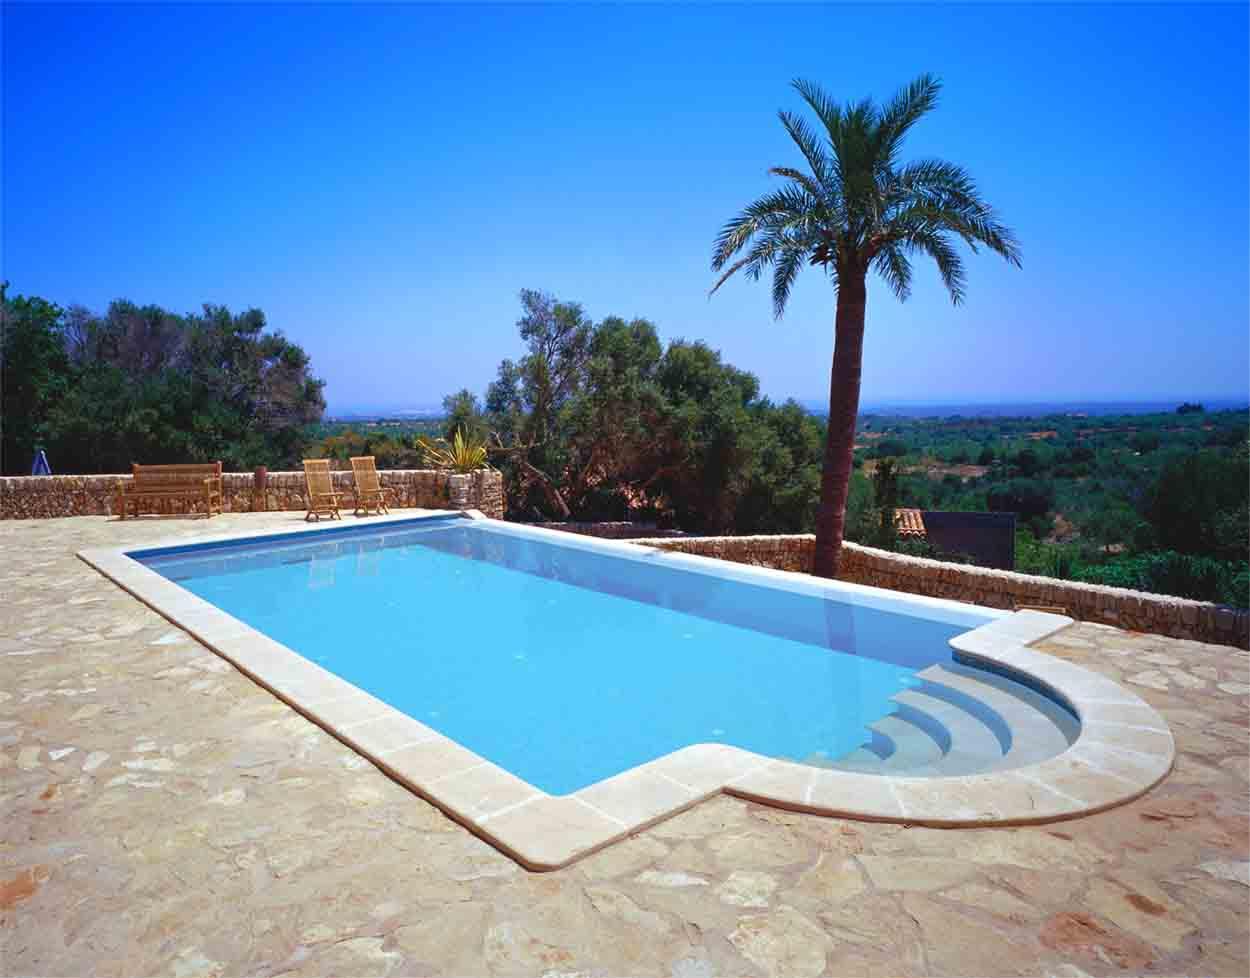 Υποχρεωτική γνωστοποίηση λειτουργίας πισίνας εντός των τουριστικών καταλυμάτων